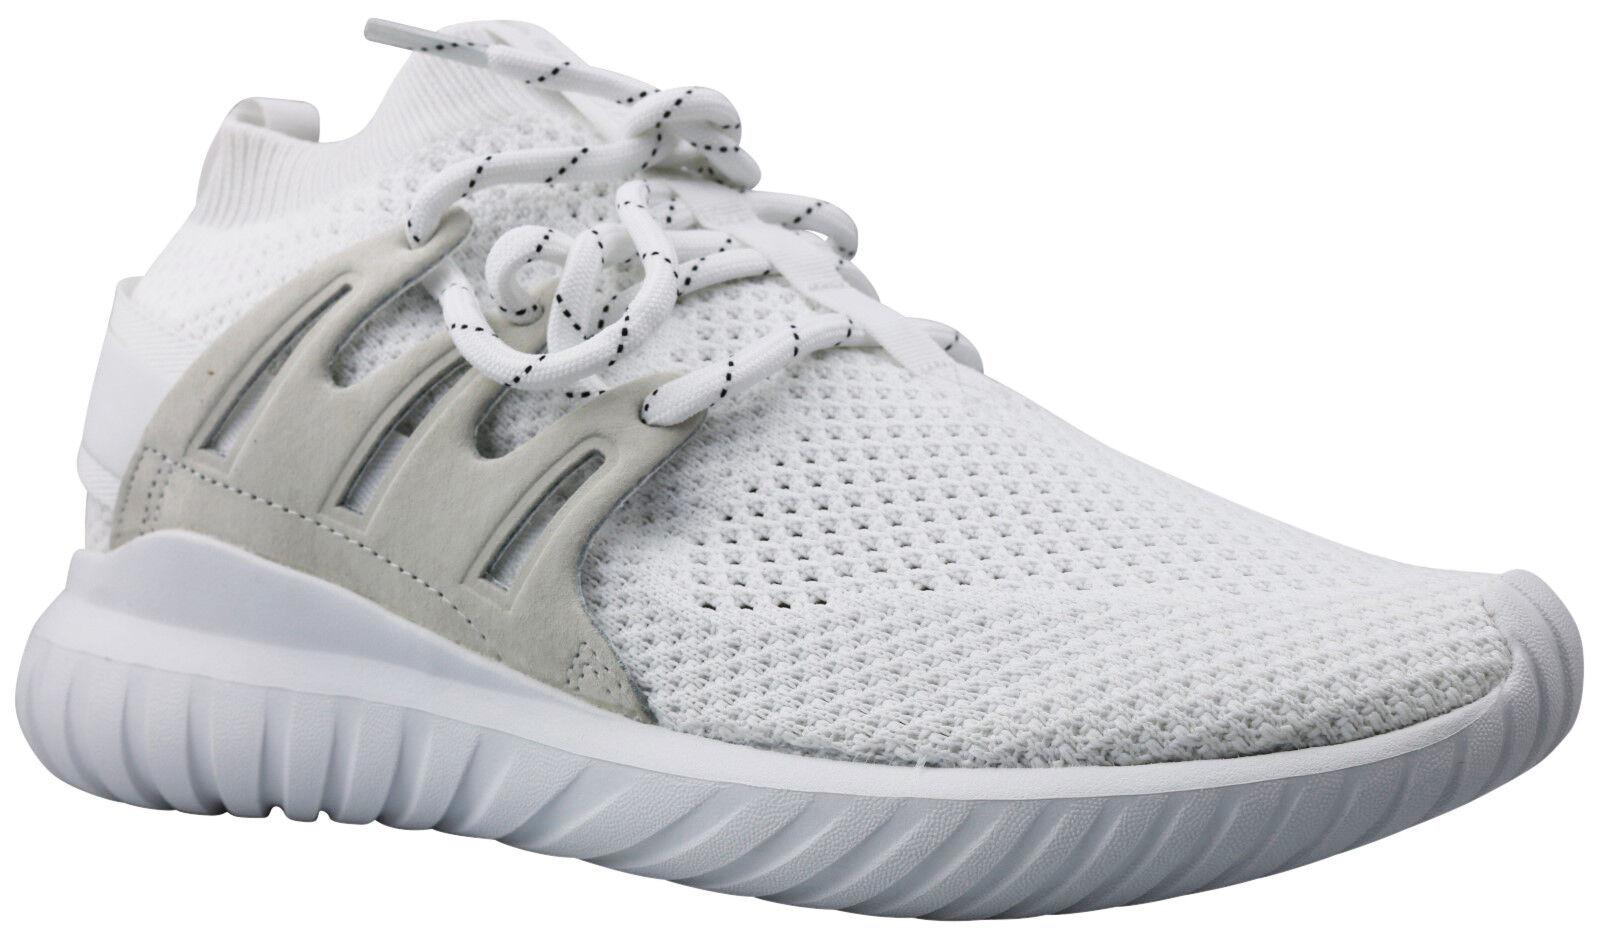 Adidas Originals Tubular Nova PK Herren Turnschuhe Schuhe S80106 Gr. 40 - 46,5 NEU